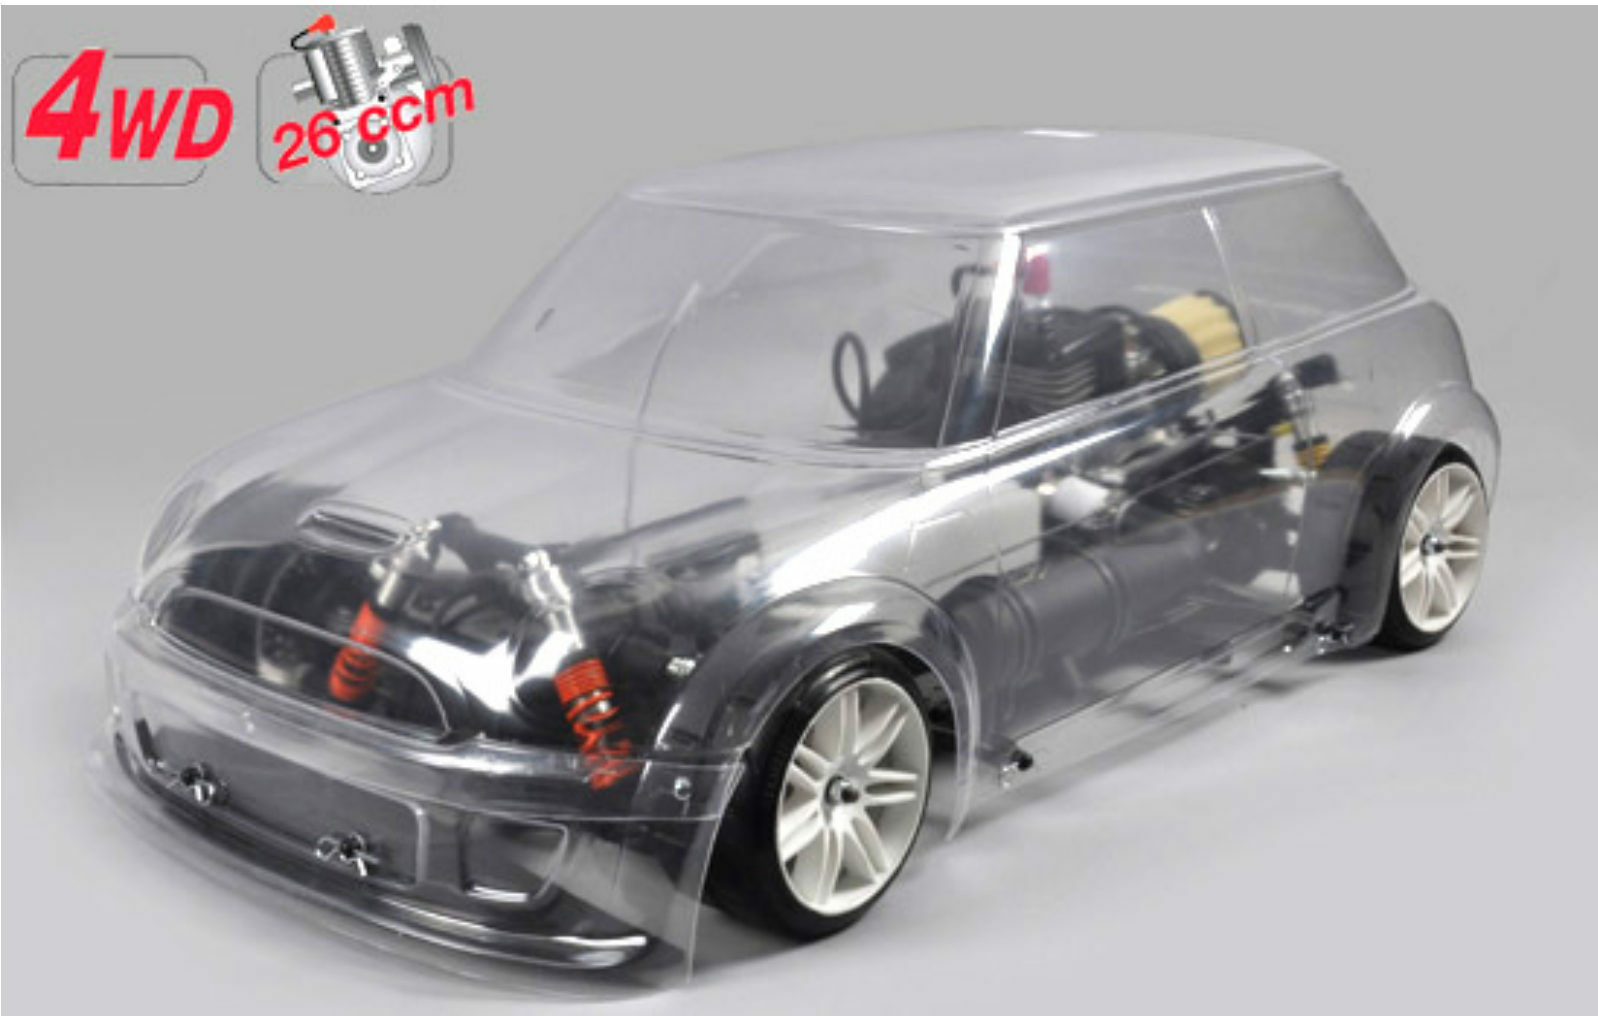 FG Modellsport   155180 4wd 510 telaio FG Trophy carrozzeria verniciate 26 CC